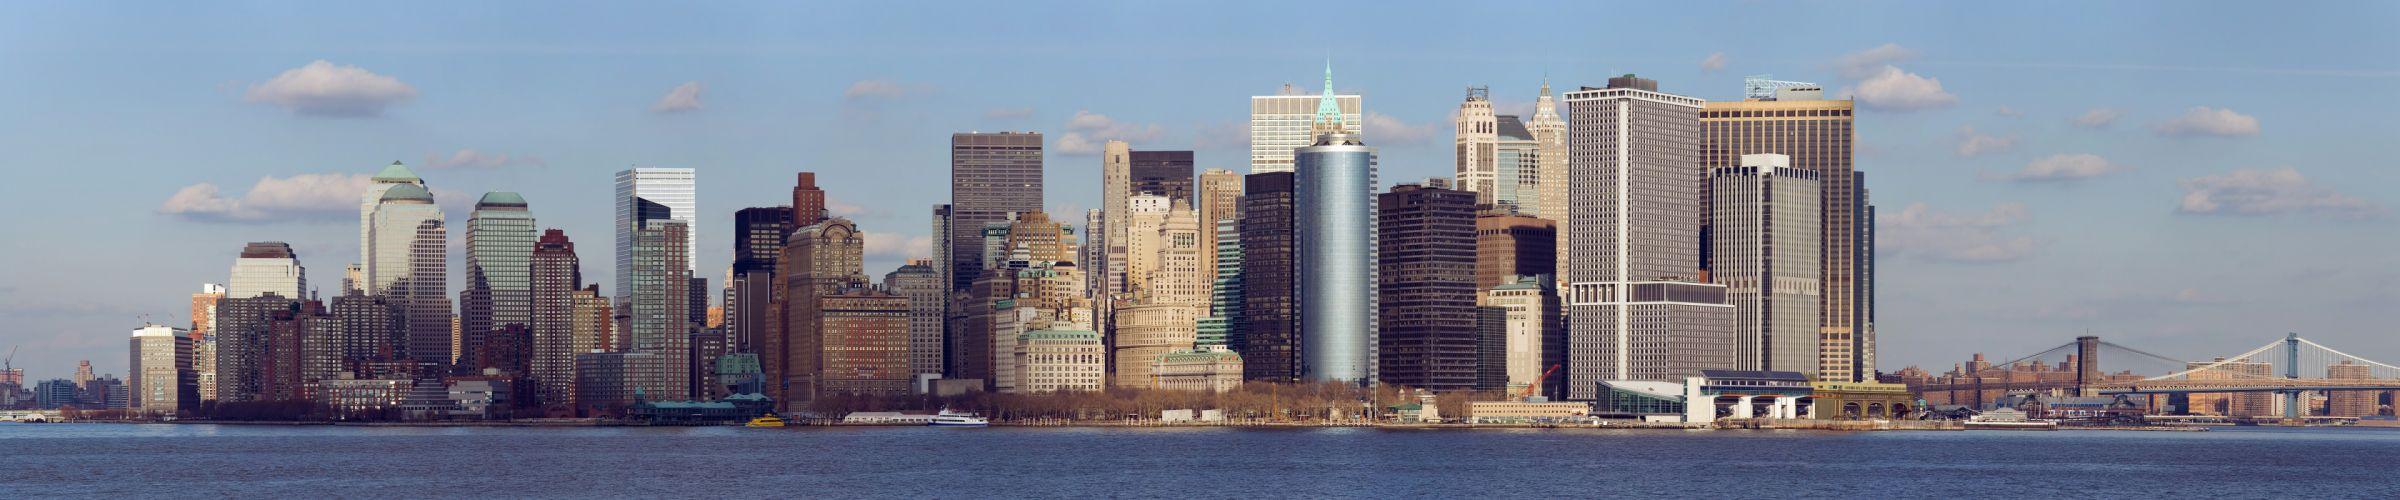 New York Manhattan wallpaper